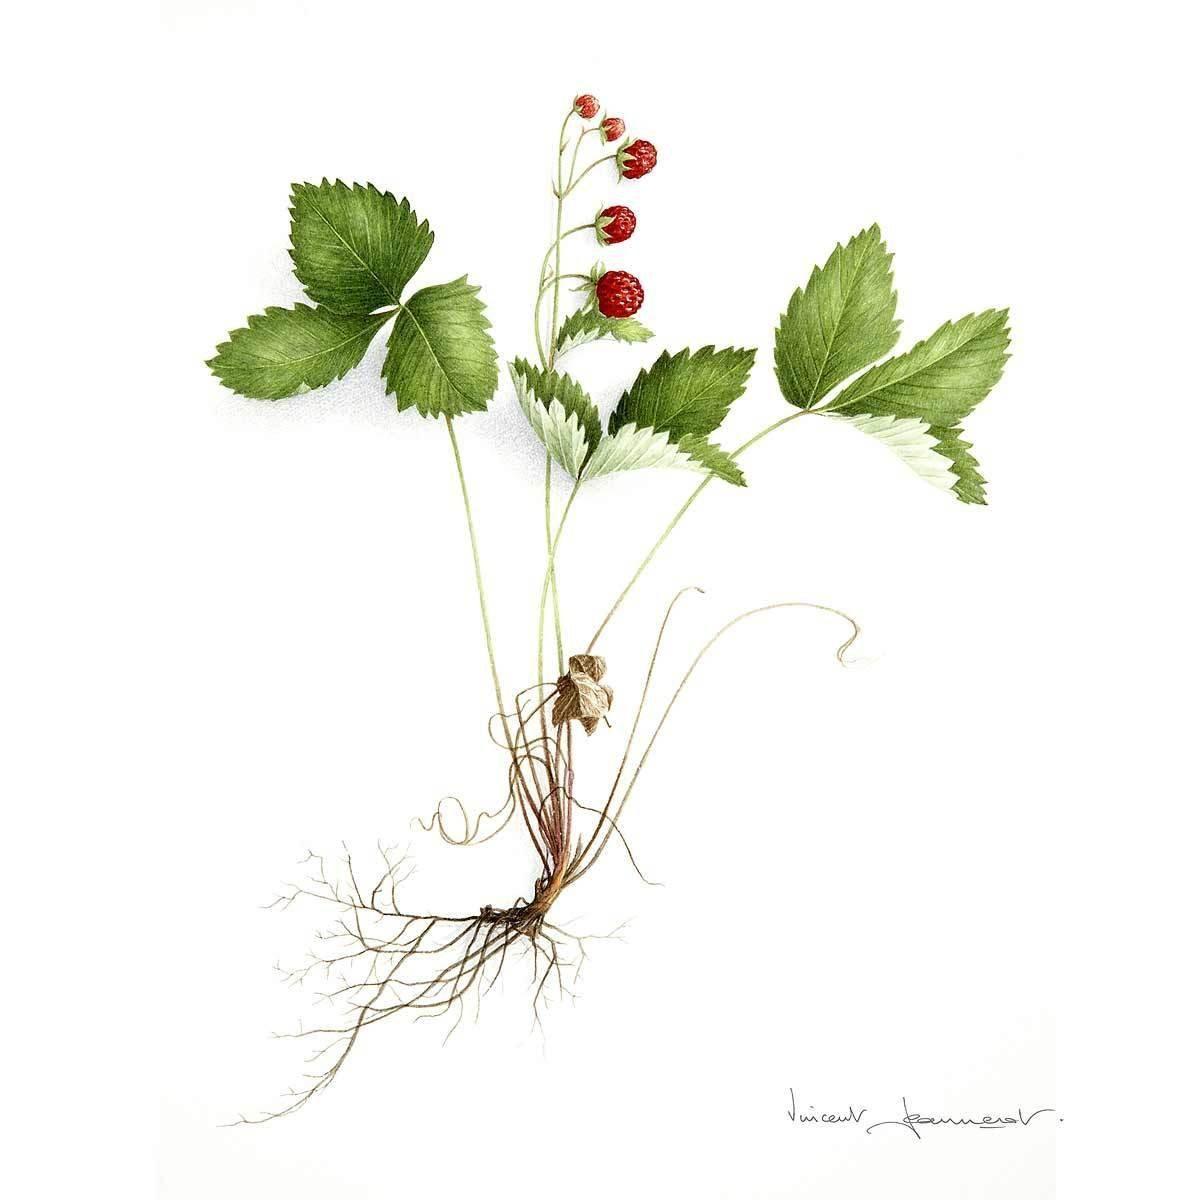 Vincent Jeannerot Aquarelle Botanique Affiche Botanique Dessin